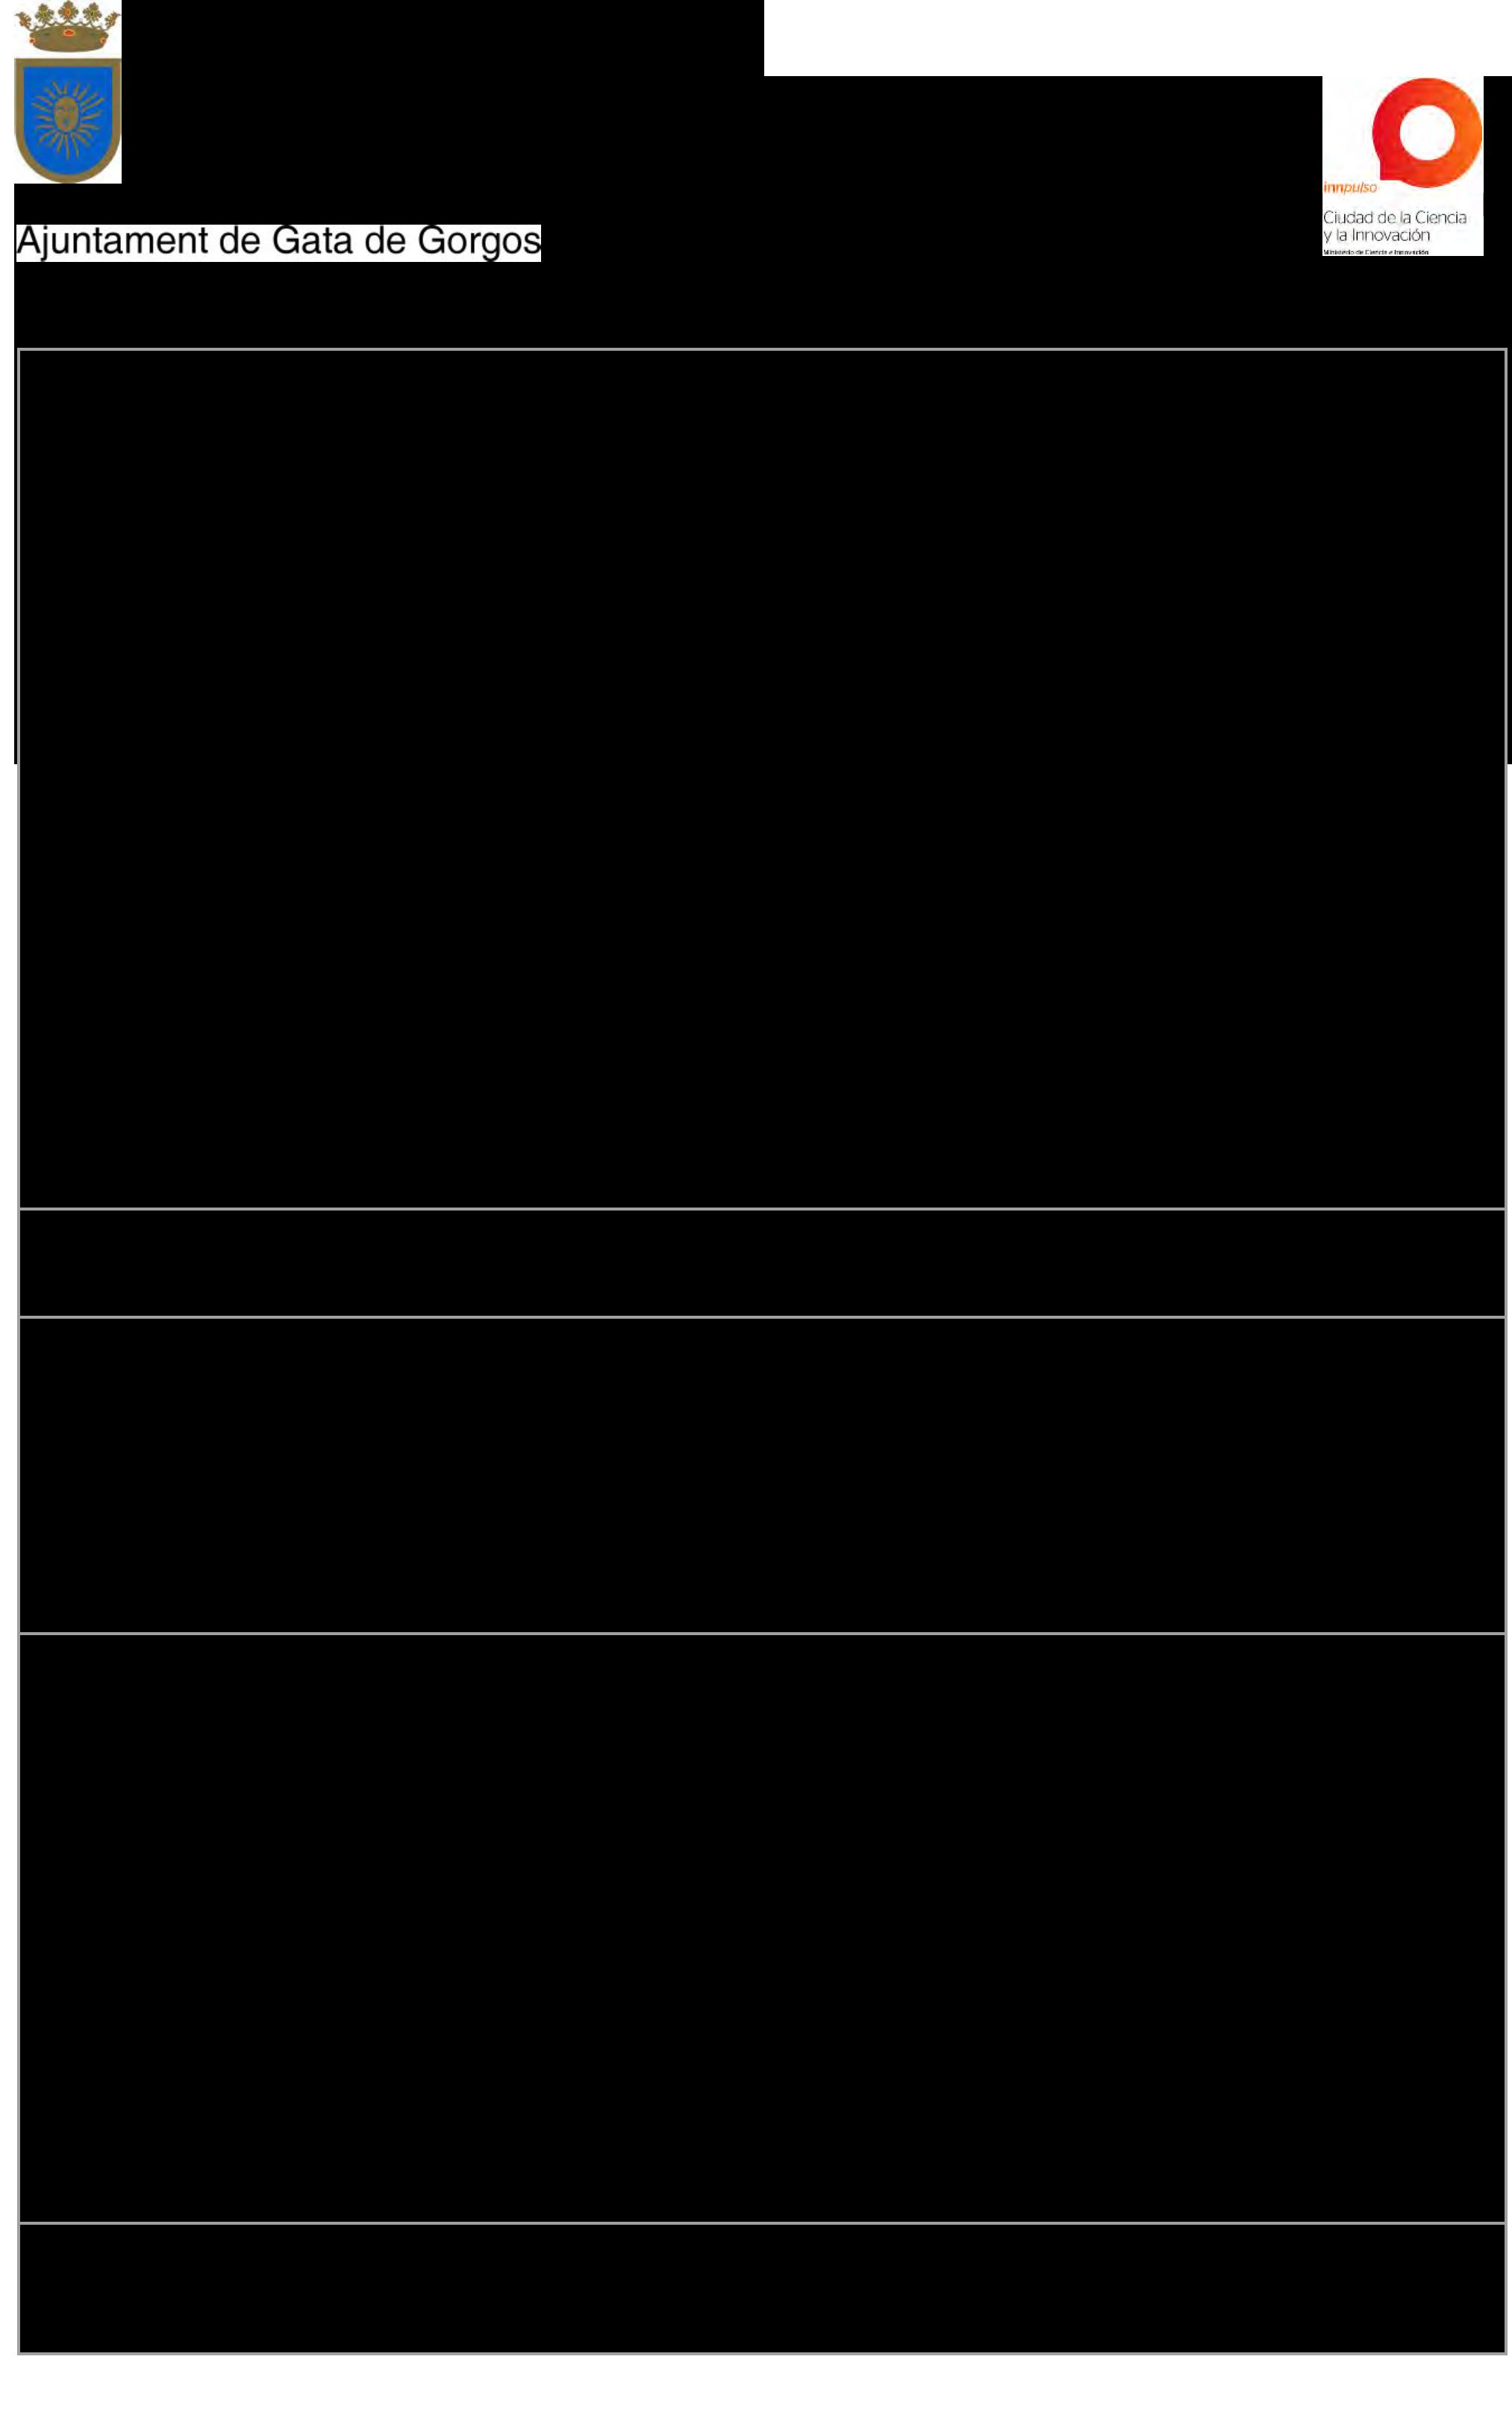 Impreso Declaración Responsable Segunda Ocupación - Gata de Gorgos 3